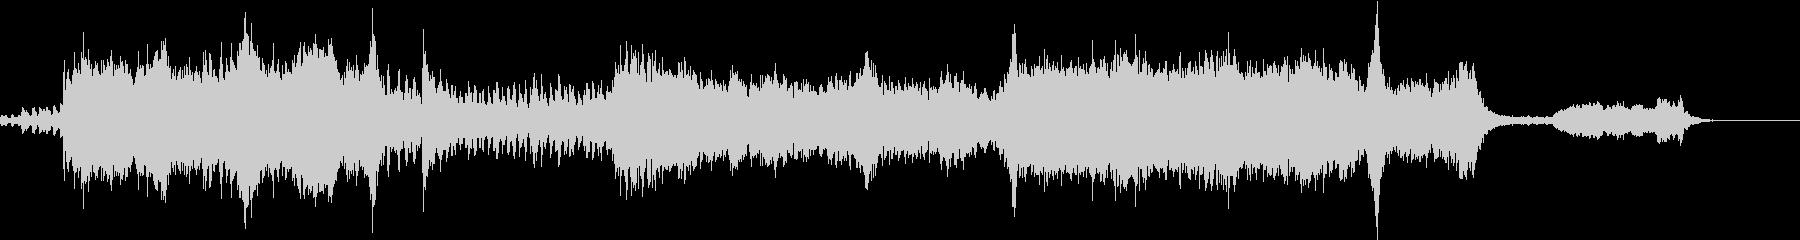 ファンタジー系オーケストラ オープニングの未再生の波形